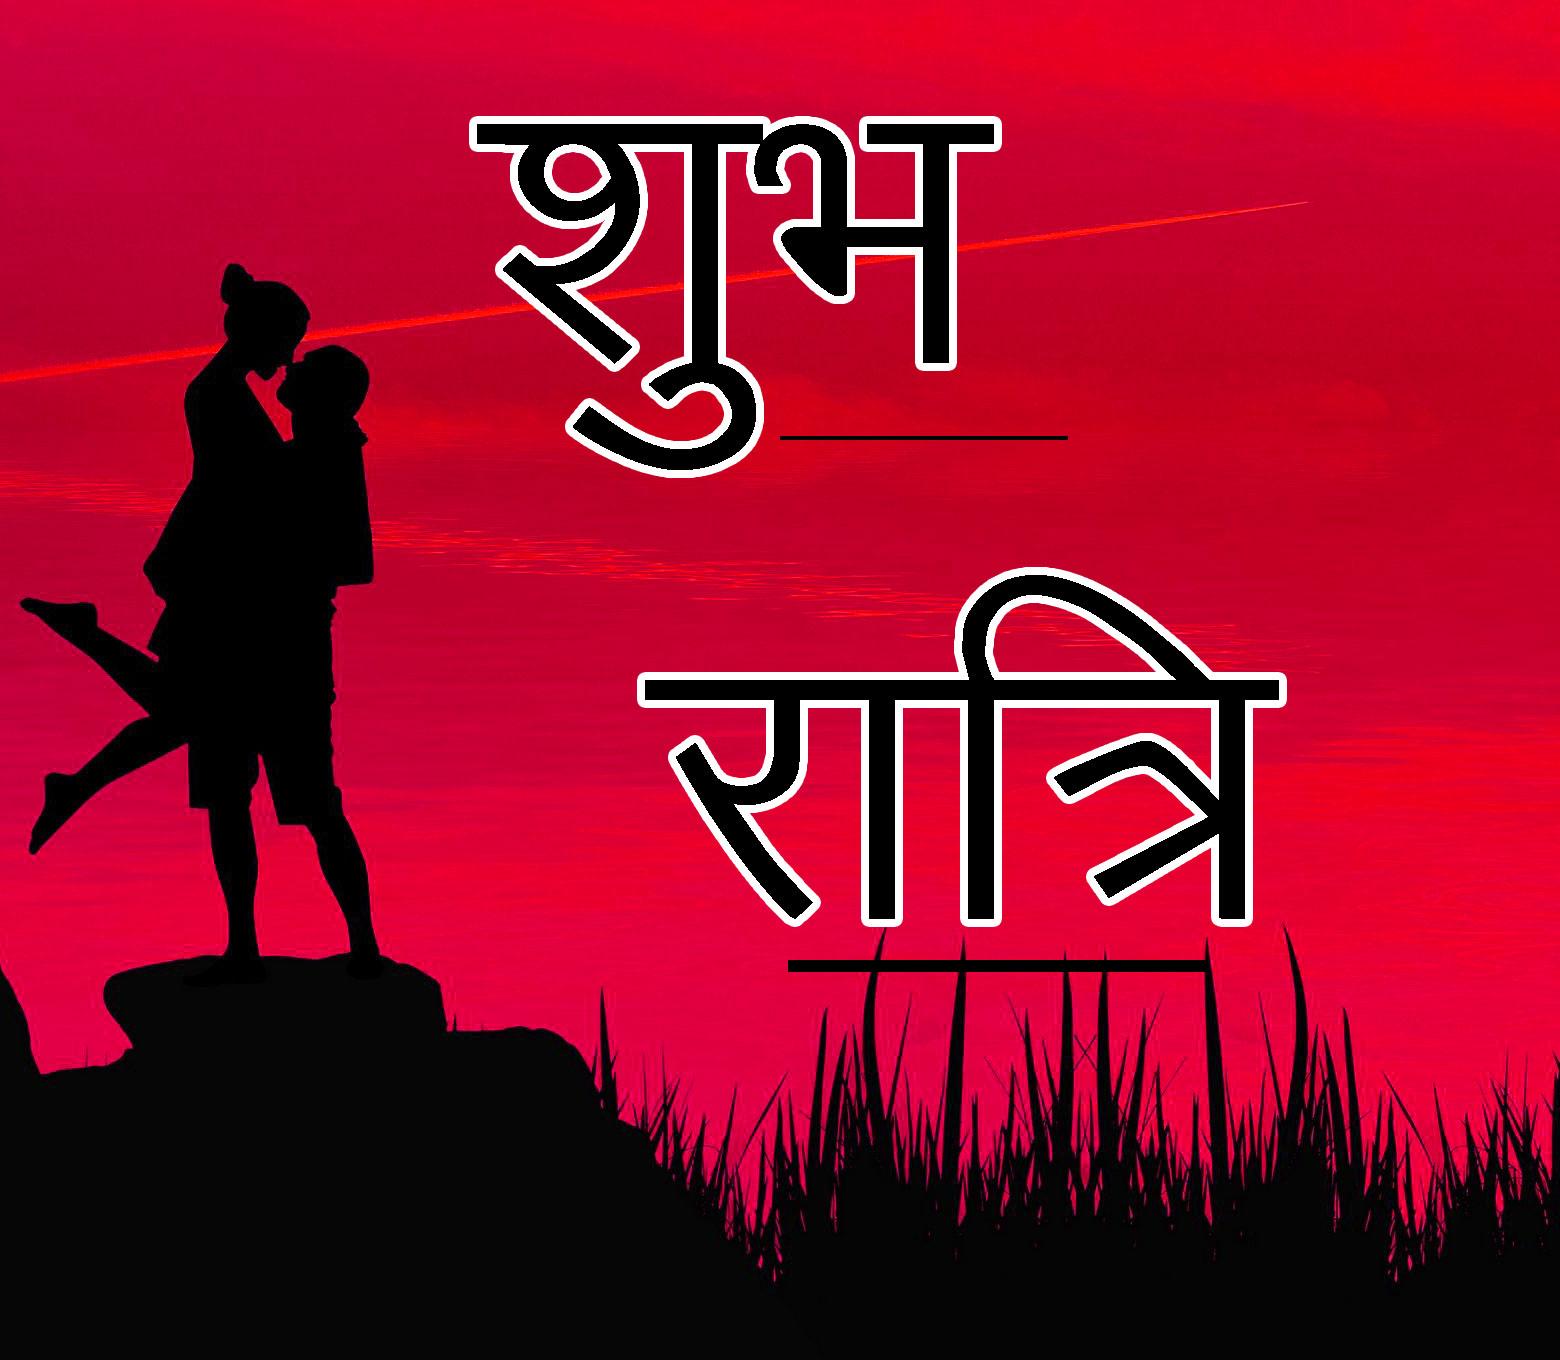 Shubh Ratri Wallpaper 81